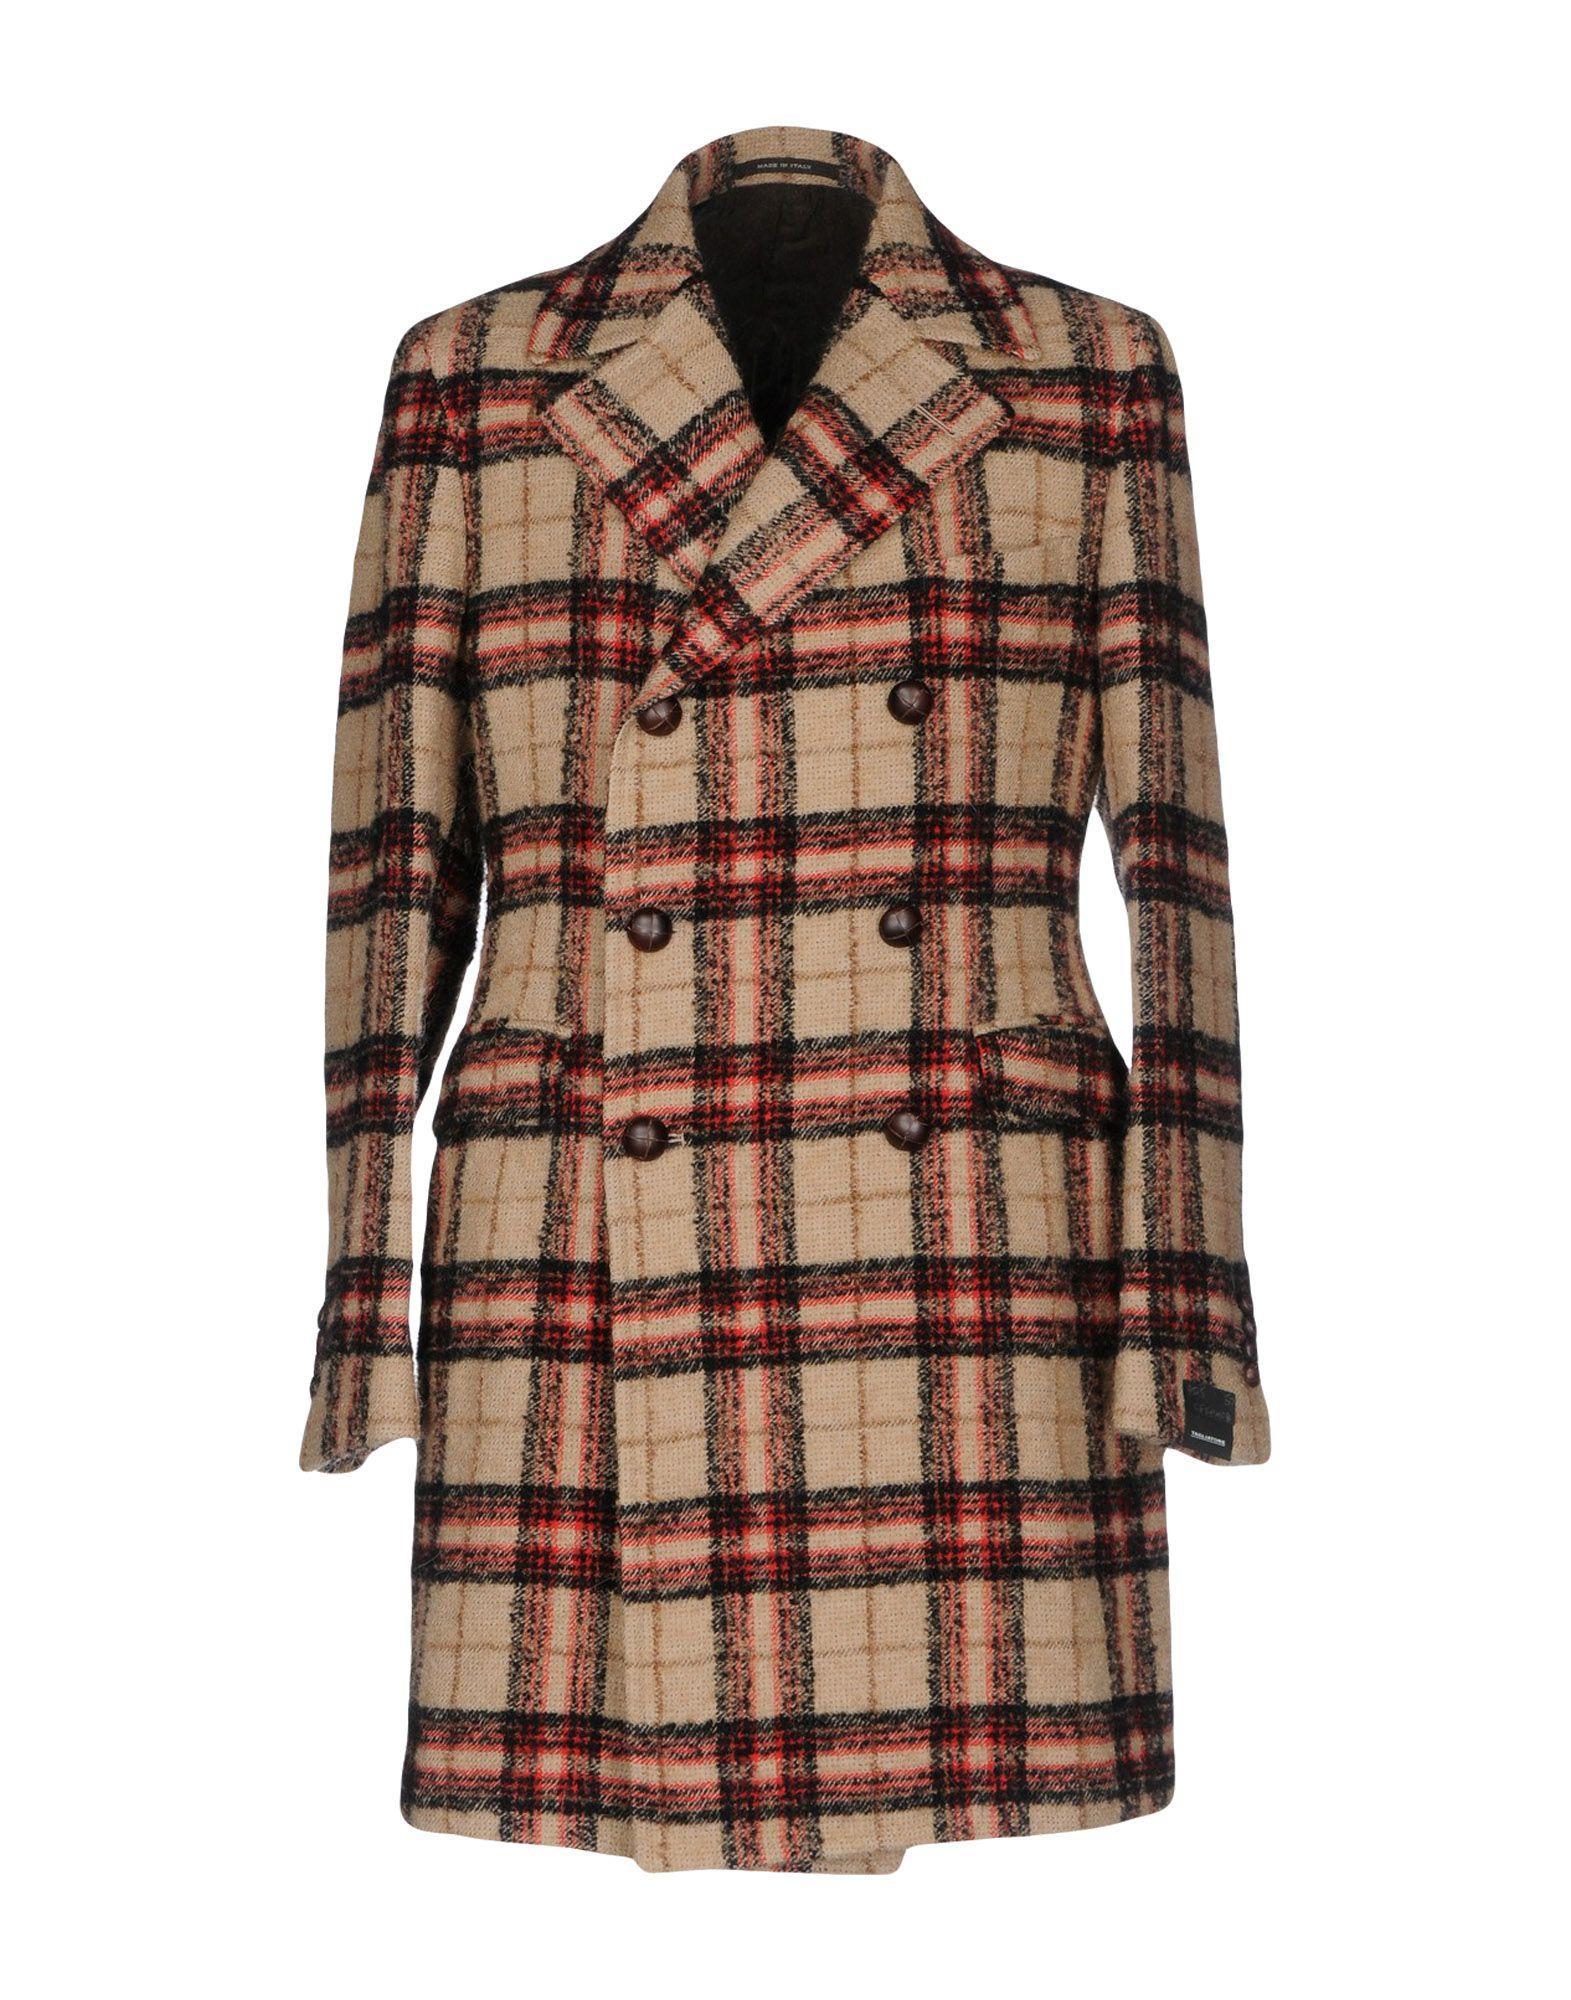 Tagliatore Coats In Beige